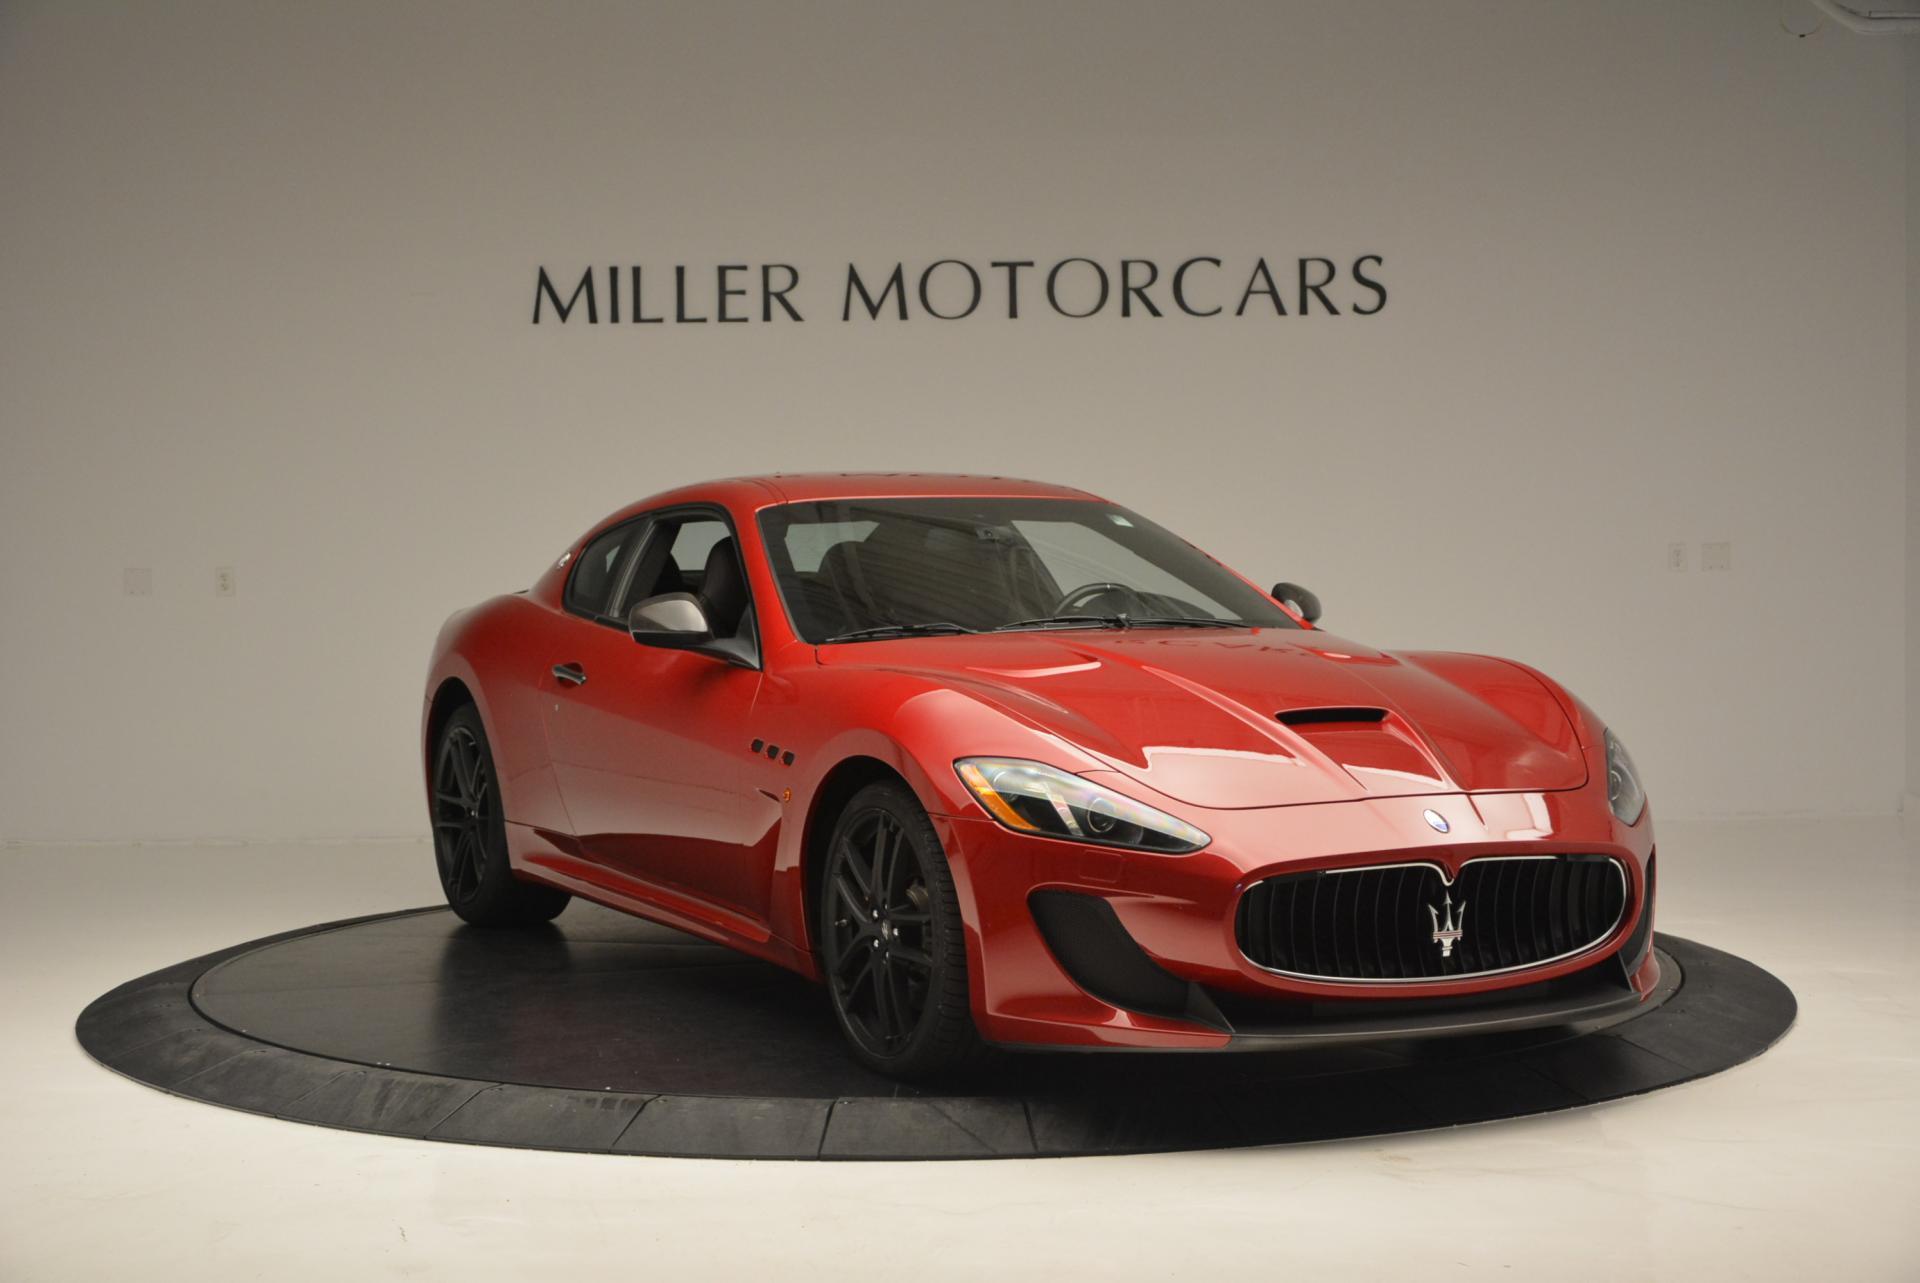 Used 2014 Maserati GranTurismo MC For Sale In Greenwich, CT 525_p11